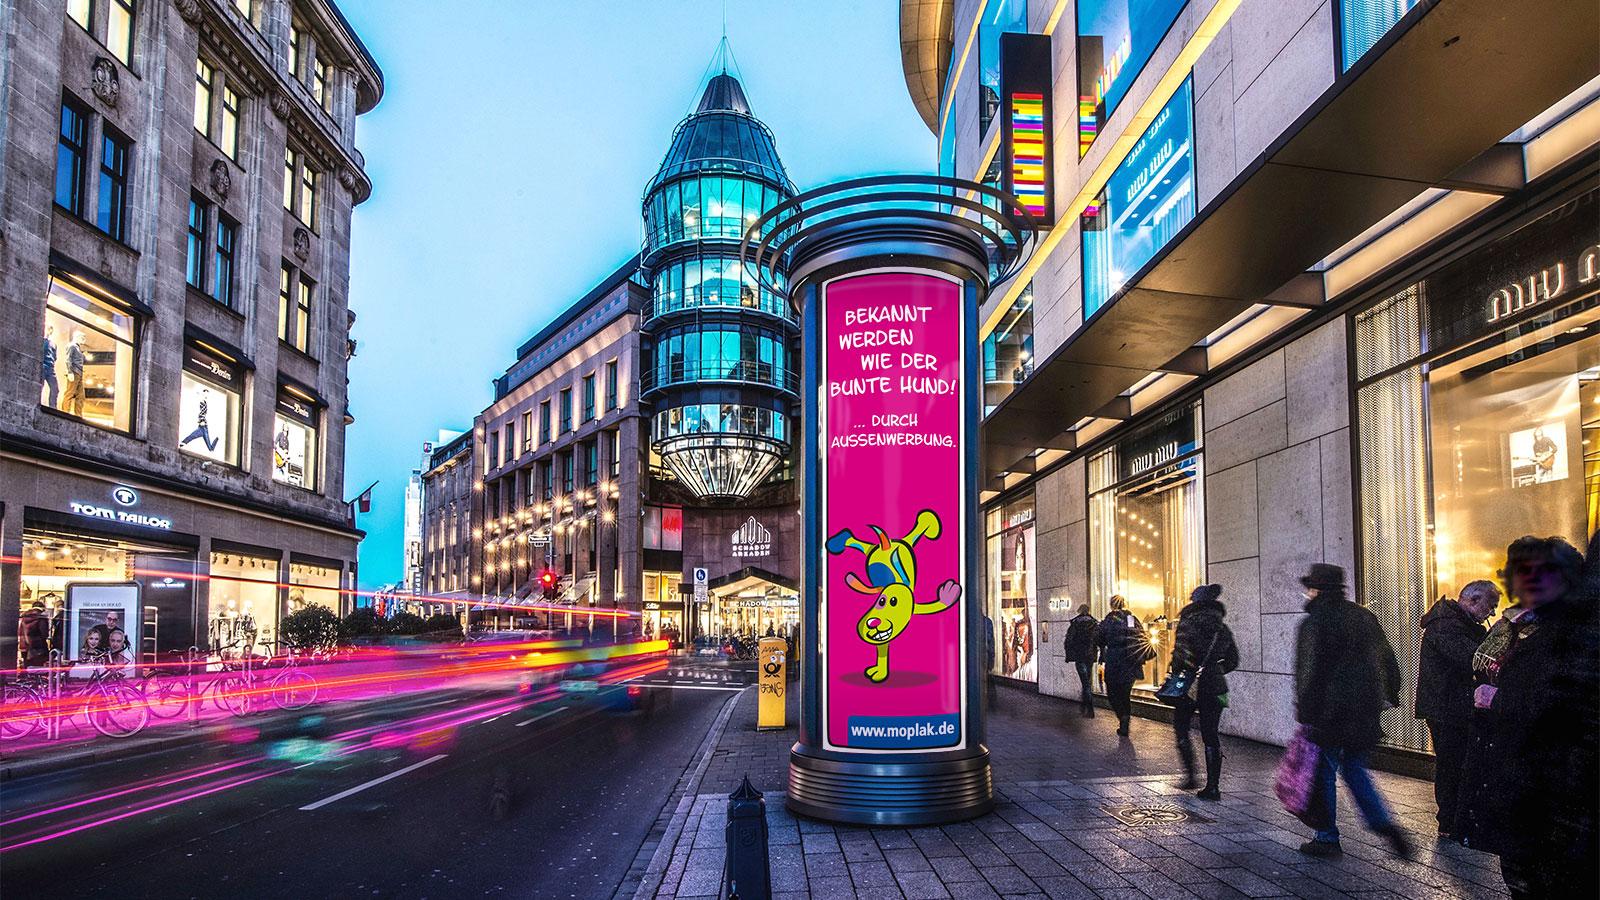 Kiel-Aussenwerbung-Litfasssaeule-Werbung